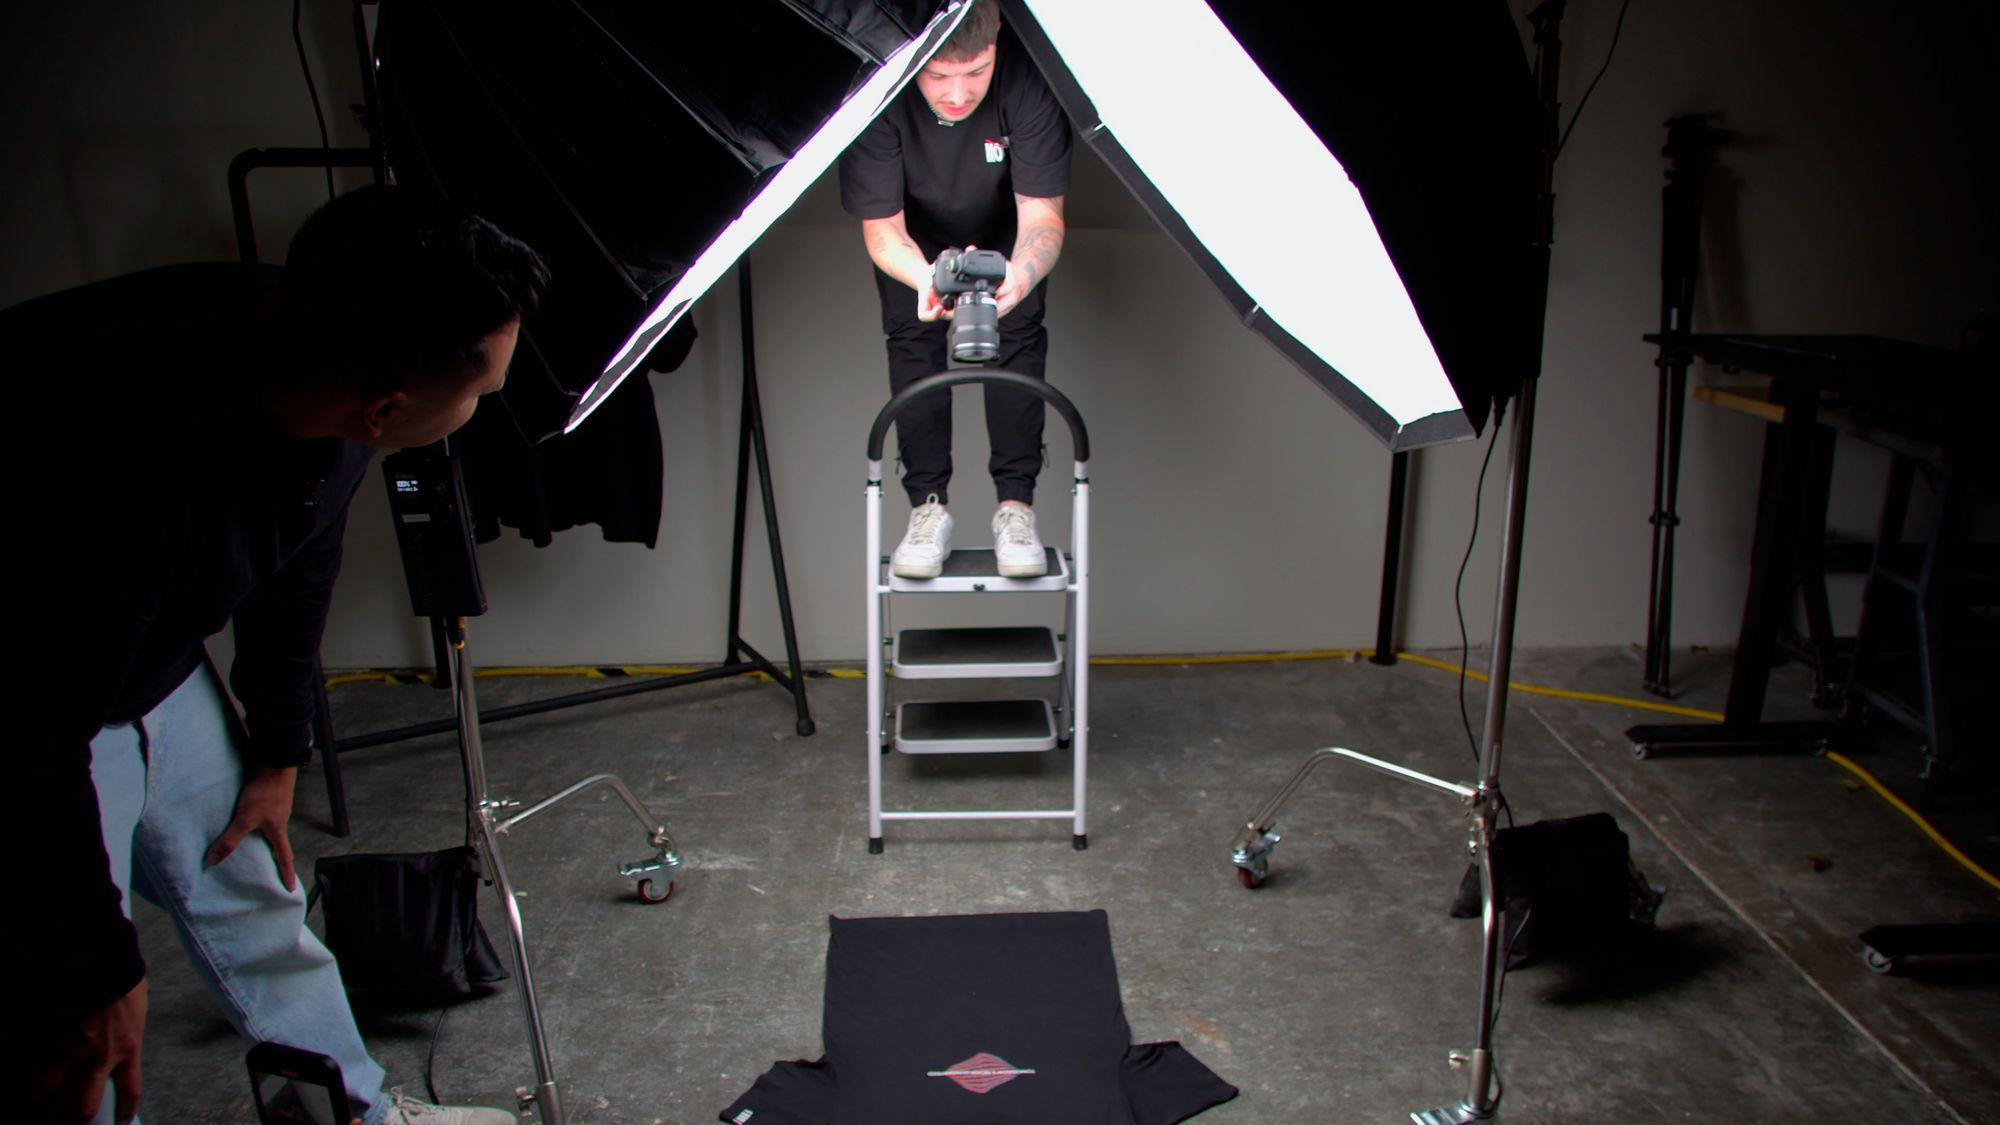 Image of John Santos and Ieuan Thomas Shooting Product Photos